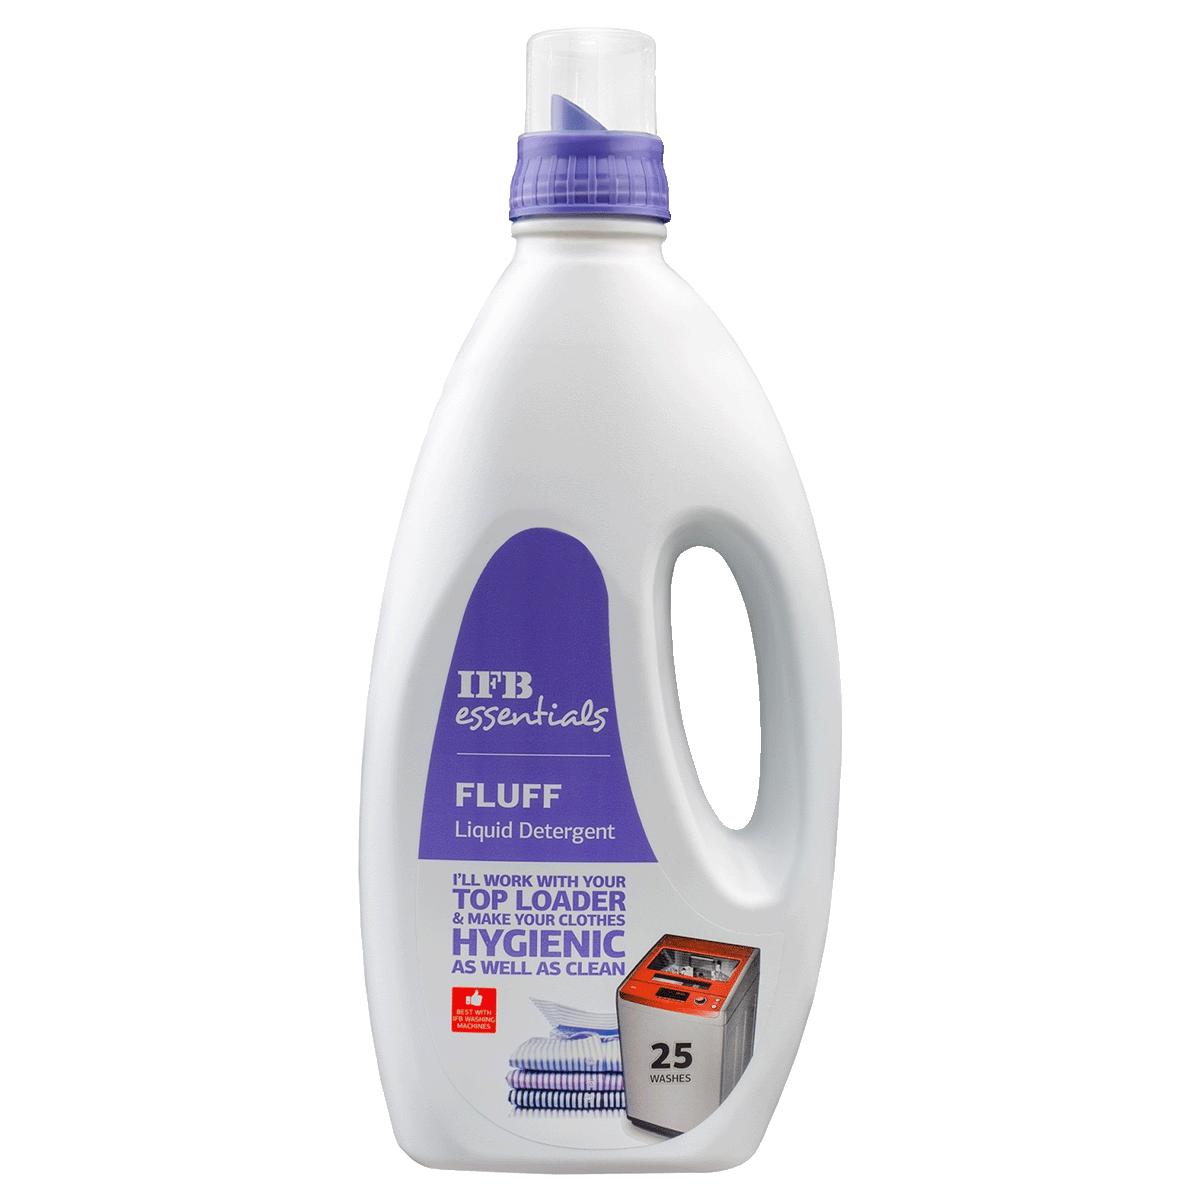 IFB Essentials Fluff Liquid Detergent for Top Load Washing Machines (1 Litre, Fluff Liquid Deter, White)_1